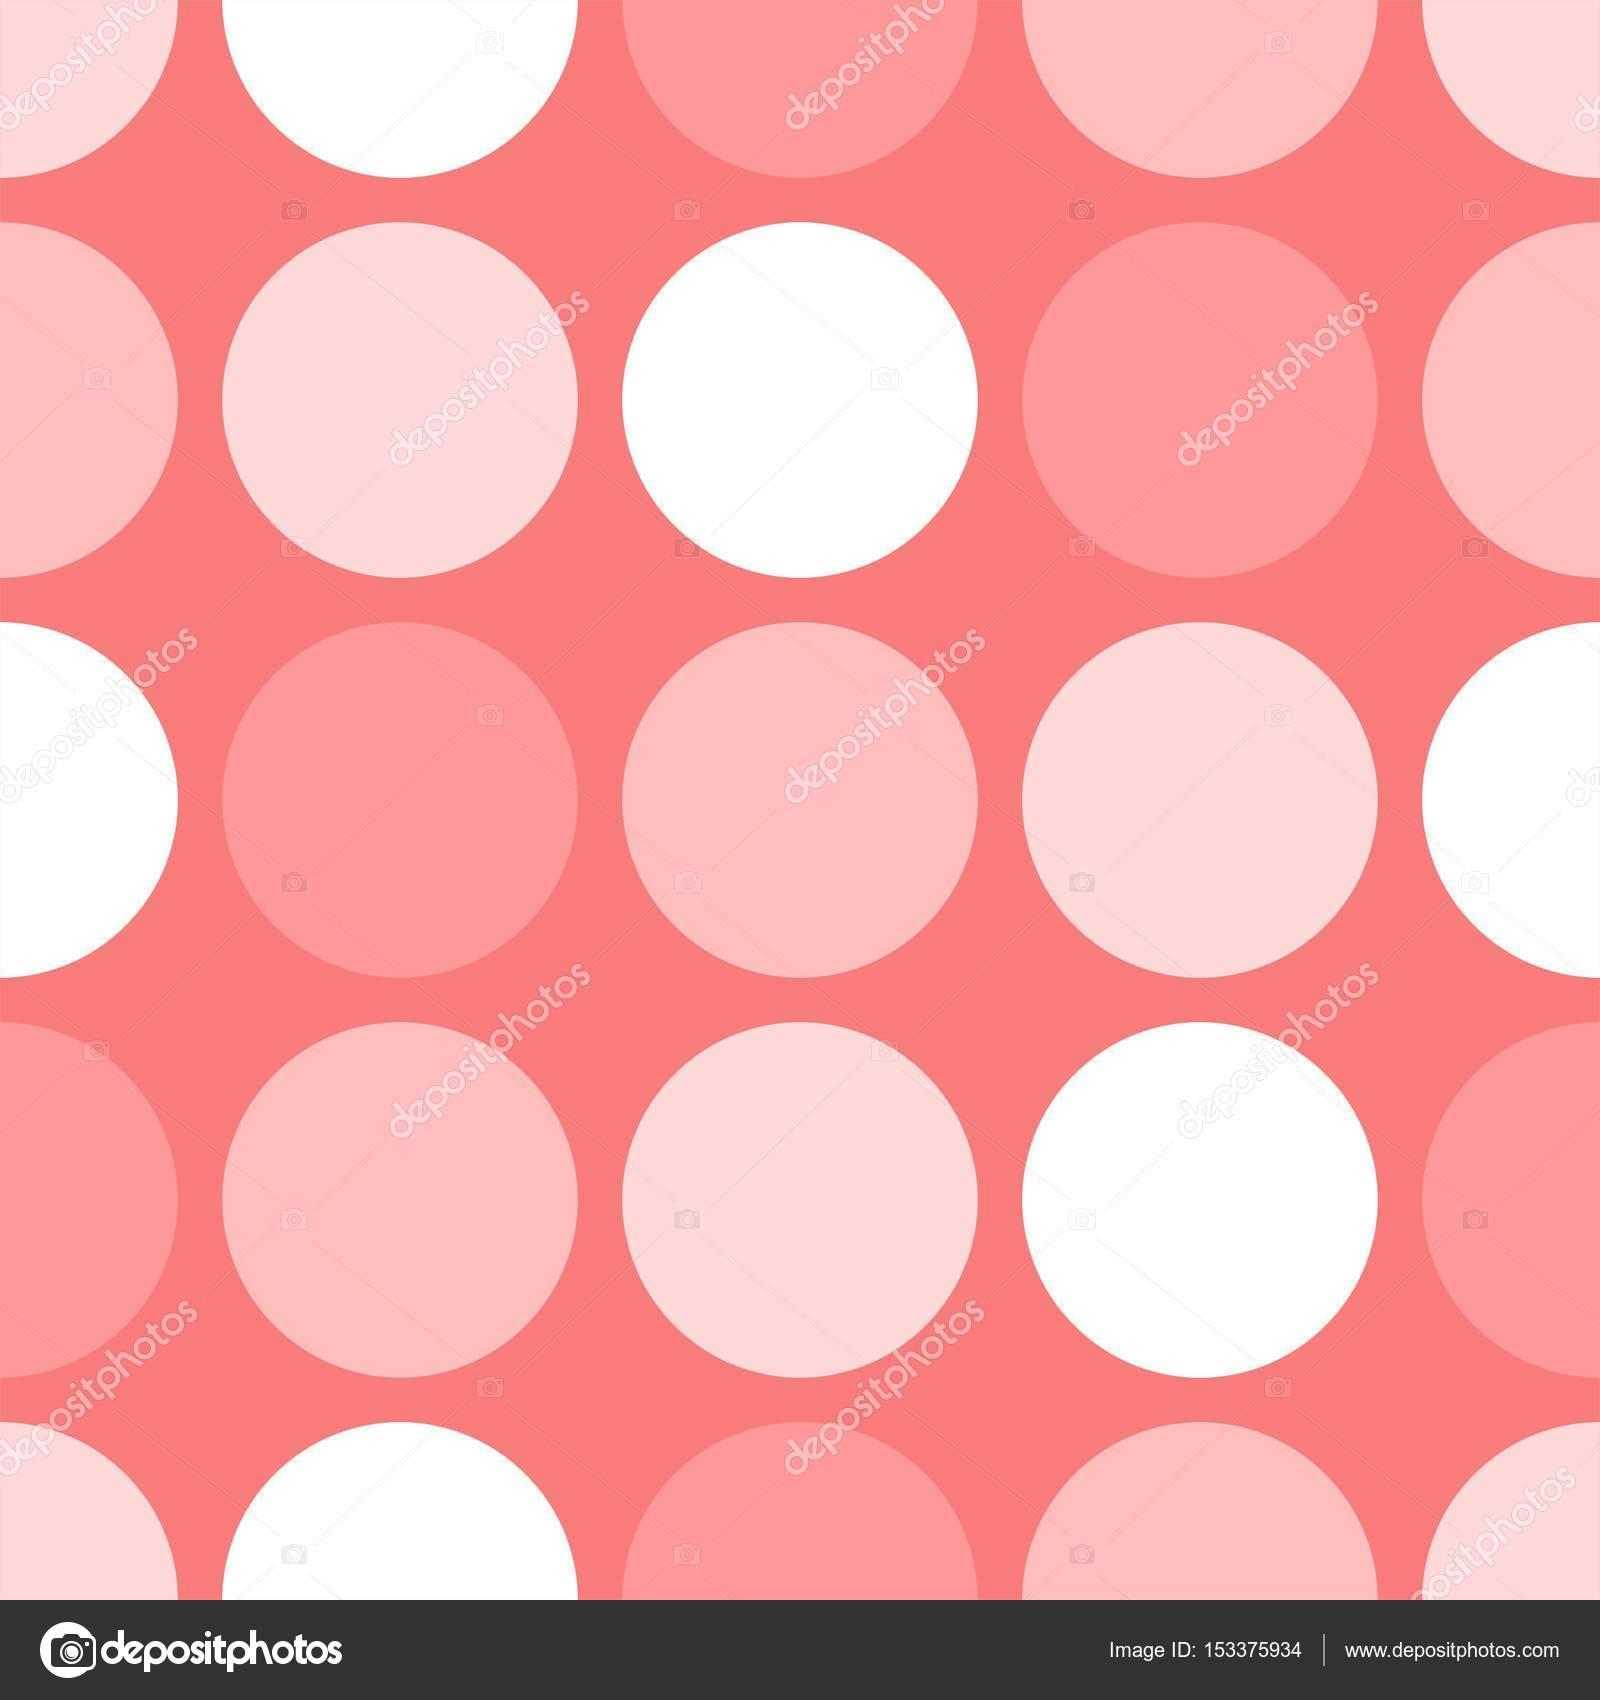 Azulejos Patron Vector Con Lunares Blancos Y Rosas Sobre Fondo Rosa - Azulejos-rosas